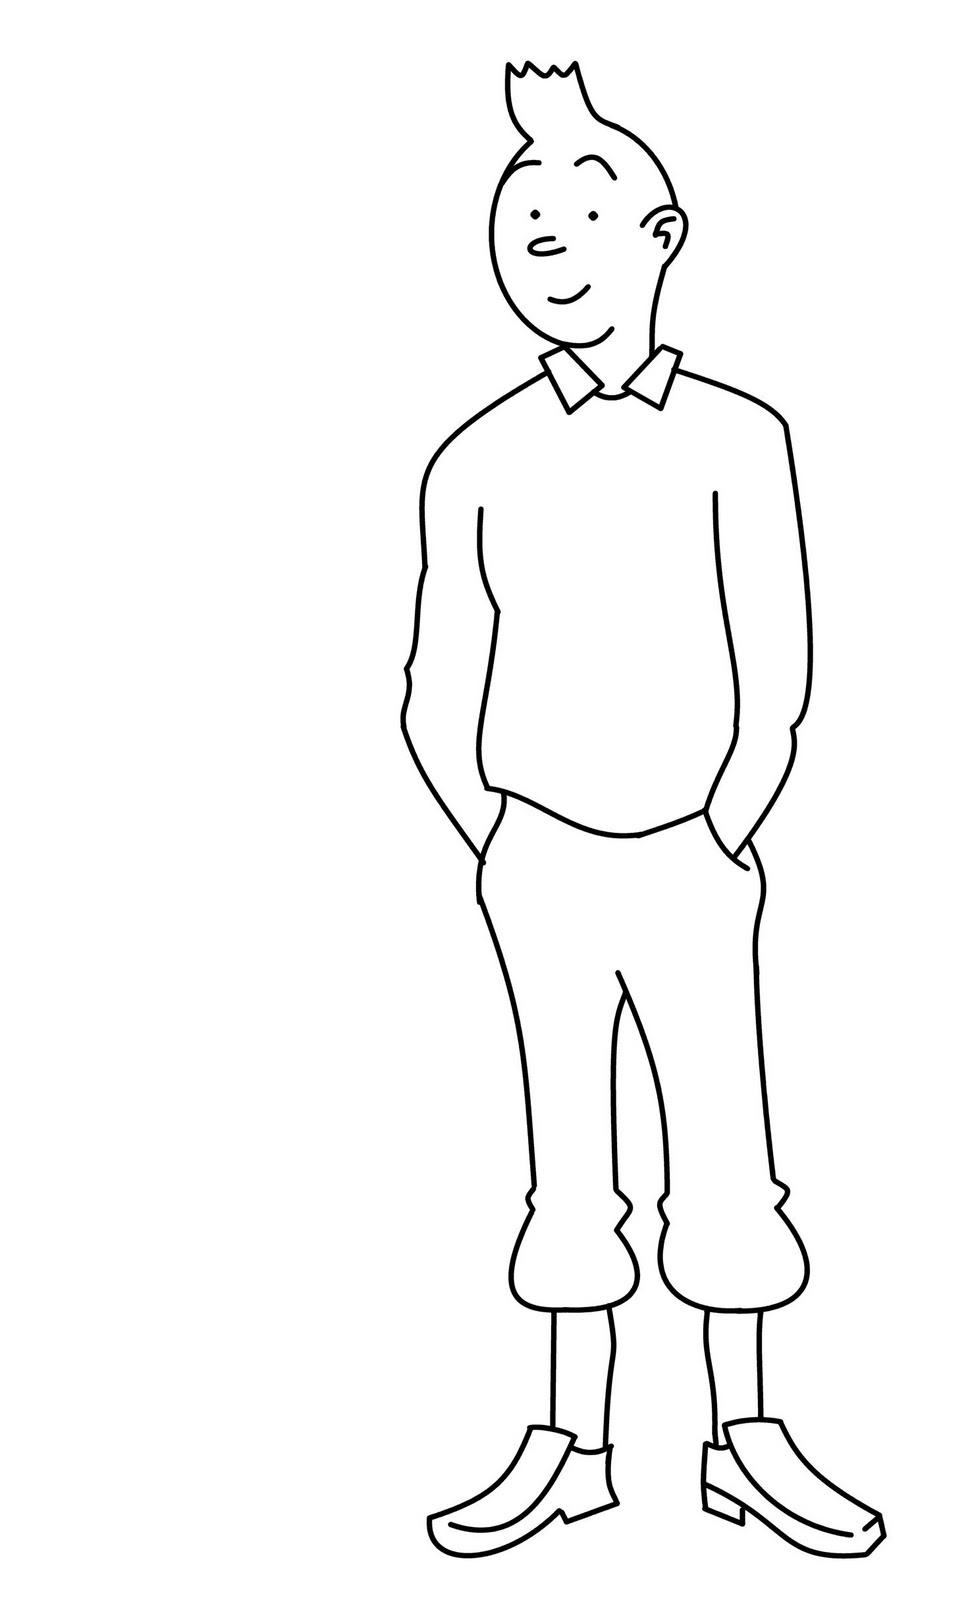 How To Draw Cartoons: Tintin